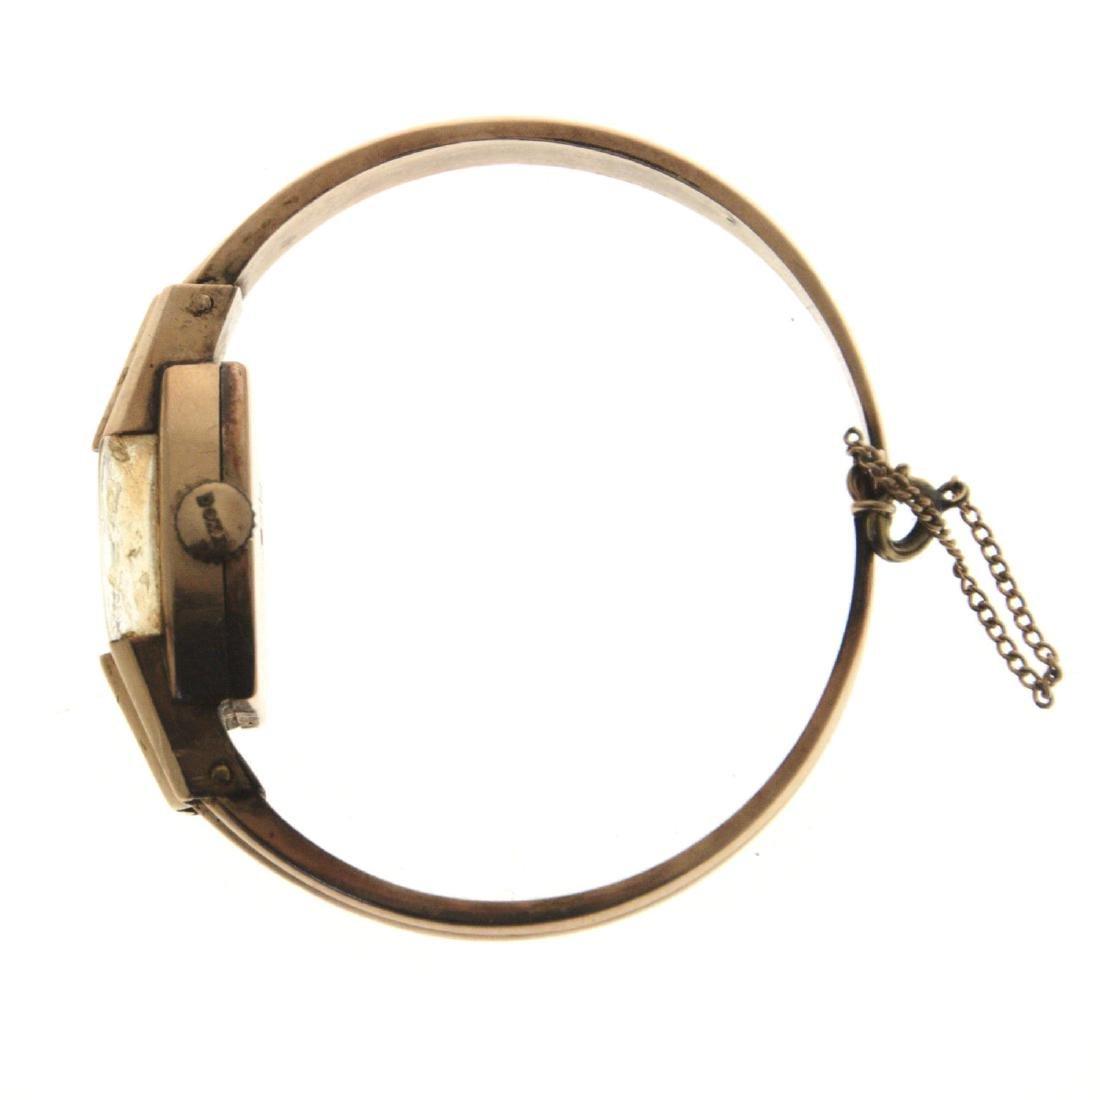 Doxa 14k Gold Lady's Wrist Watch. - 3